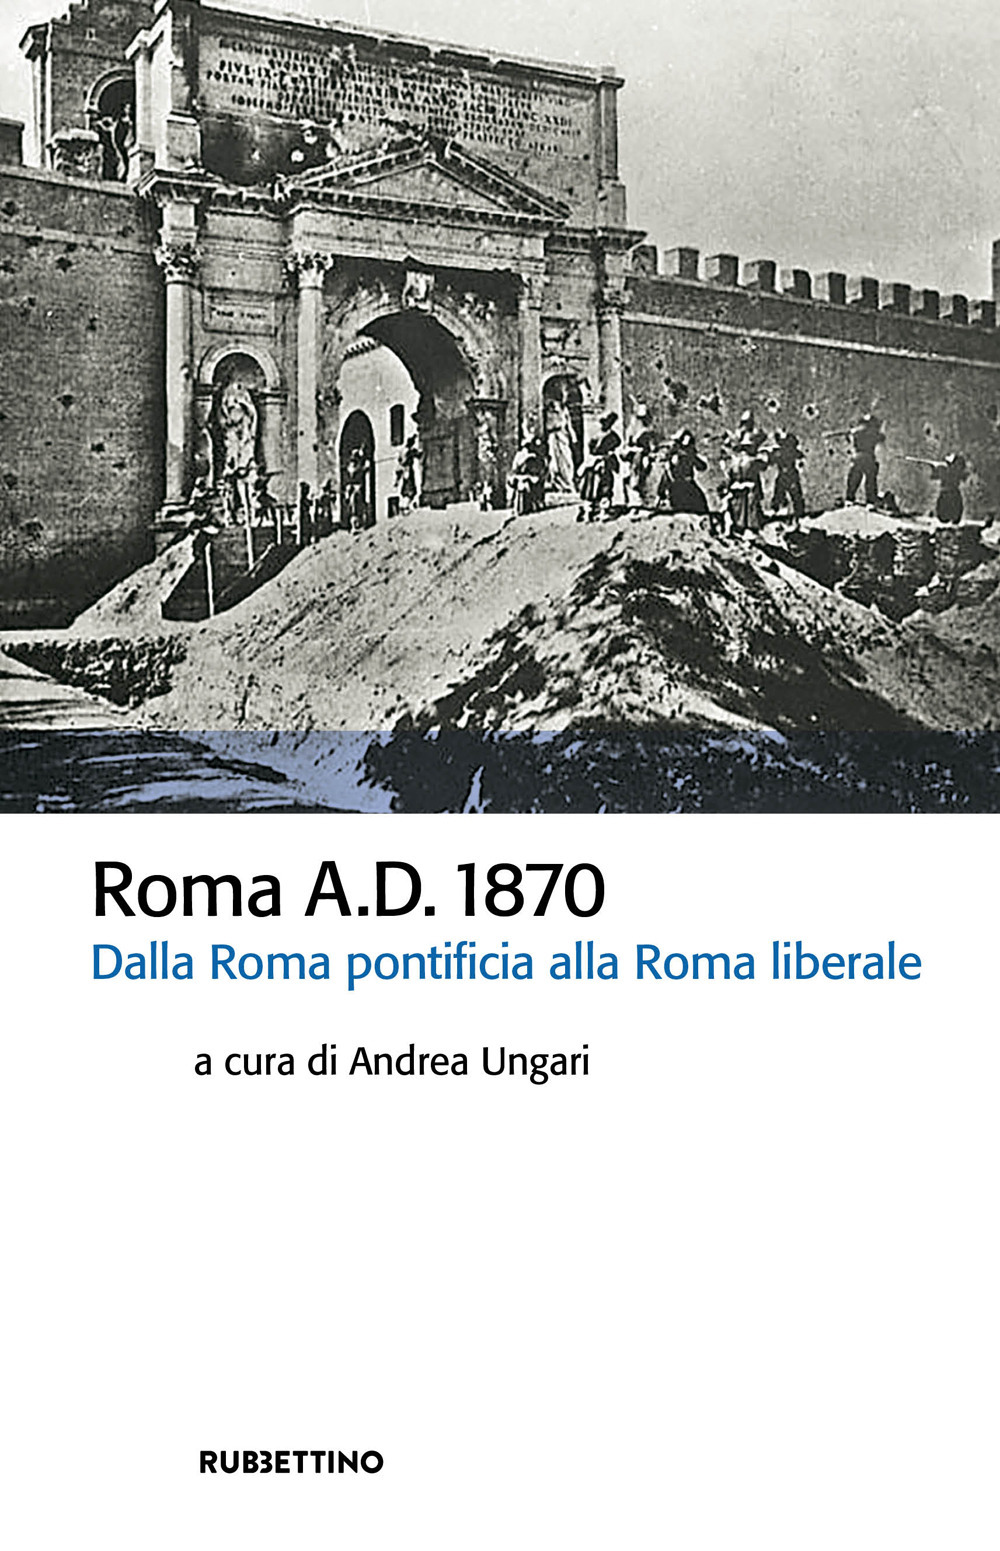 Image of Roma A.D. 1870. Dalla Roma pontificia alla Roma liberale